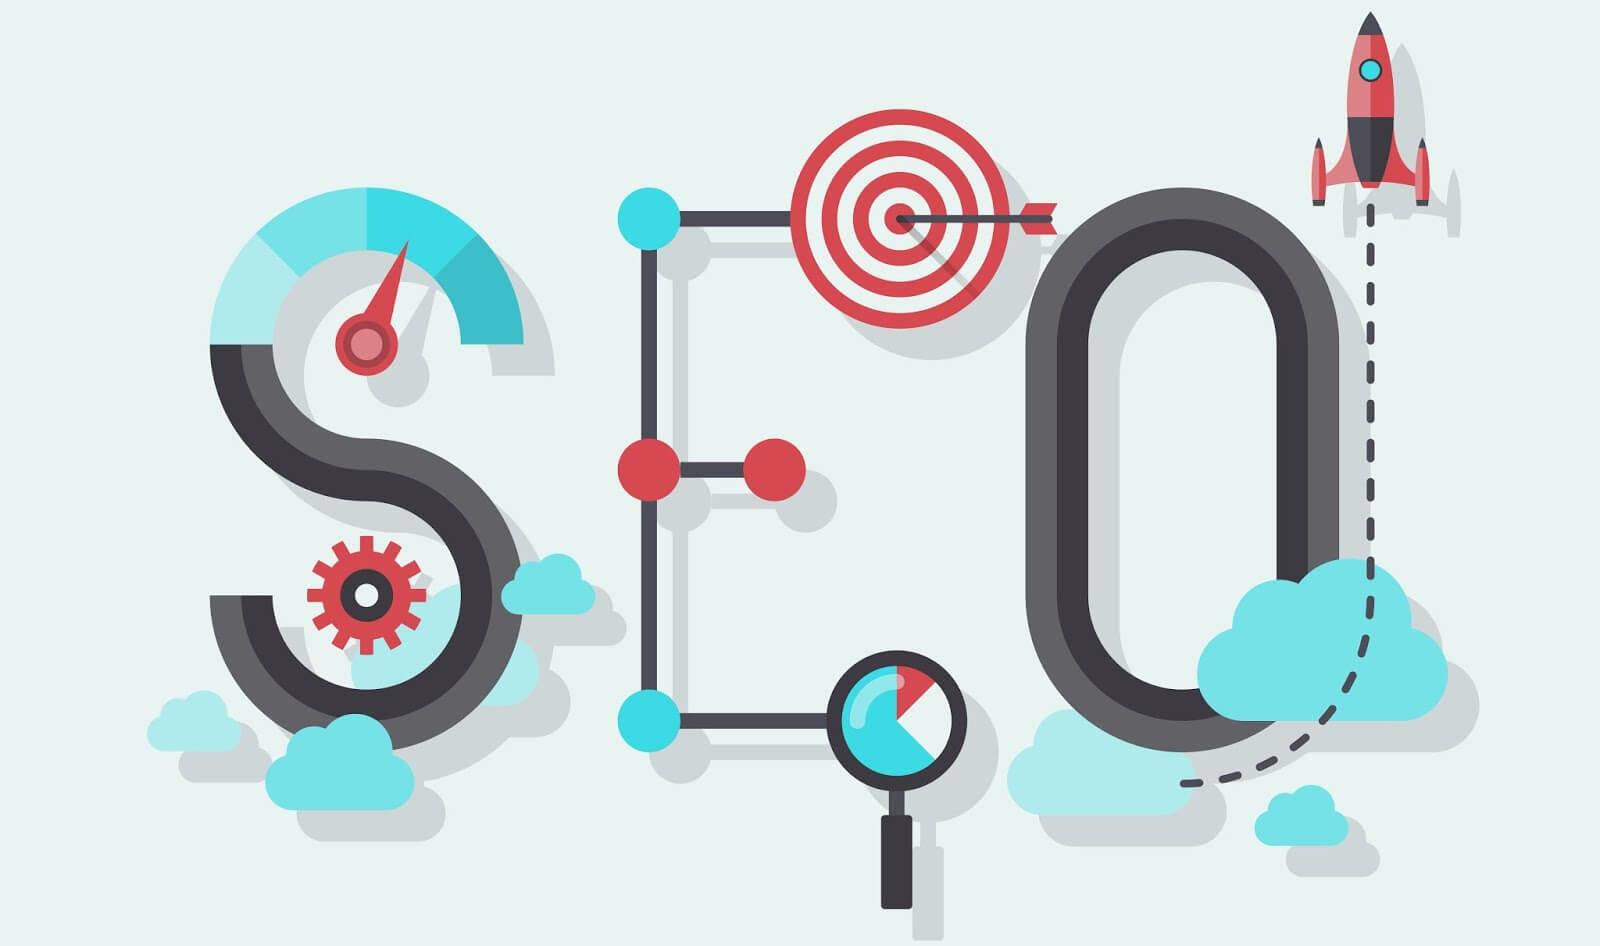 SEO là gì và làm thế nào để viết bài chuẩn SEO trên website doanh nghiệp